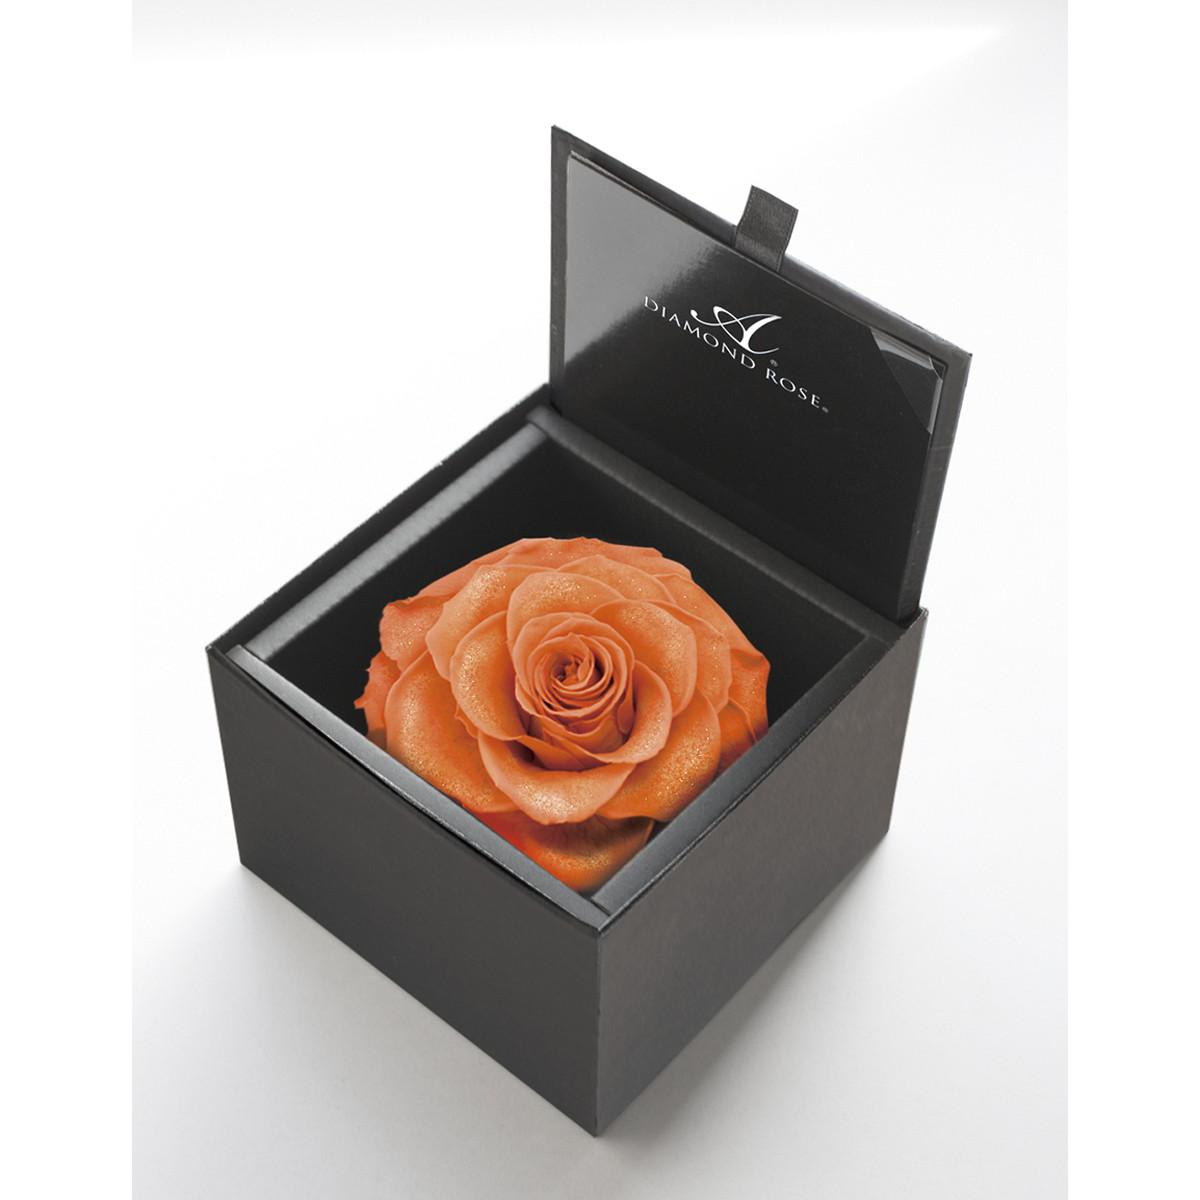 【プリザーブドフラワー】アモローサ/ダイヤモンドローズボックス 105(箱:マットブラック) ブライトオレンジ/1204-43【07】【取寄】[6箱]